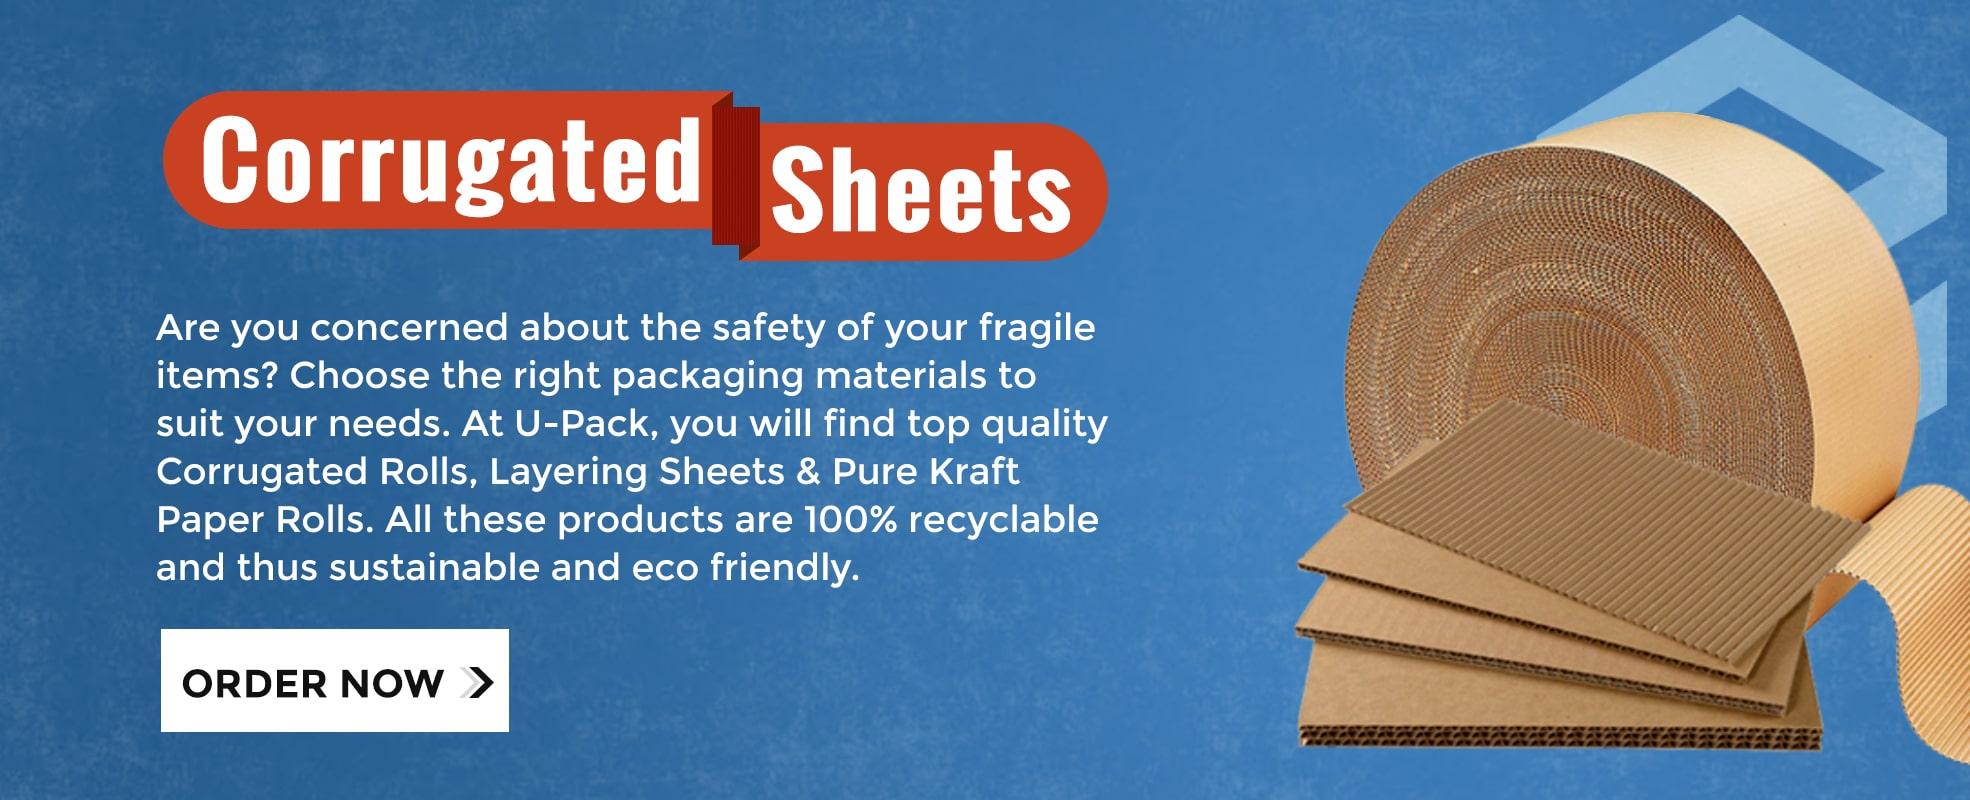 Upack Corrugated Sheets